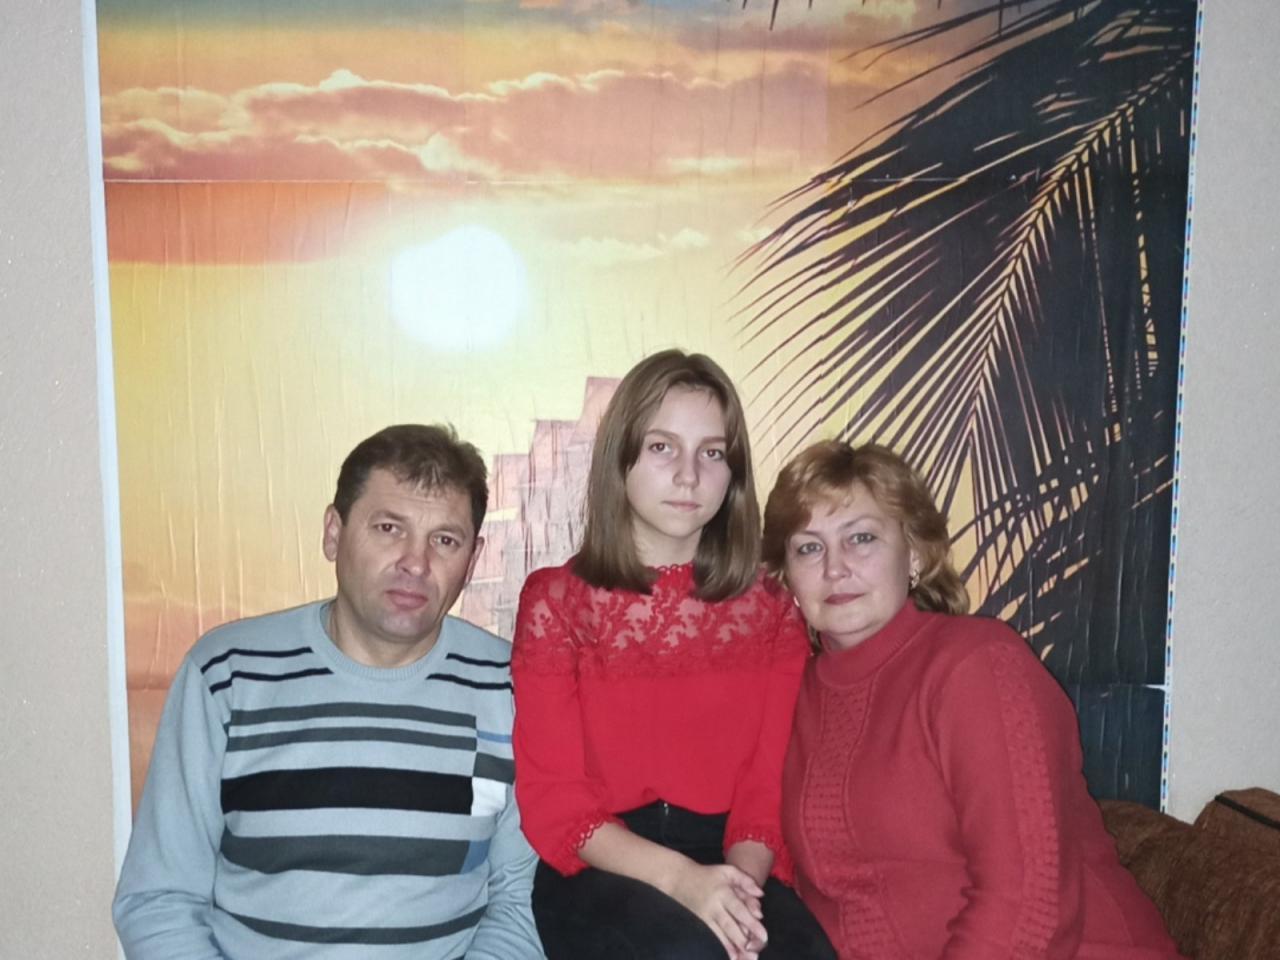 http://dunrada.gov.ua/uploadfile/archive_news/2020/01/14/2020-01-14_841/images/images-45136.jpg